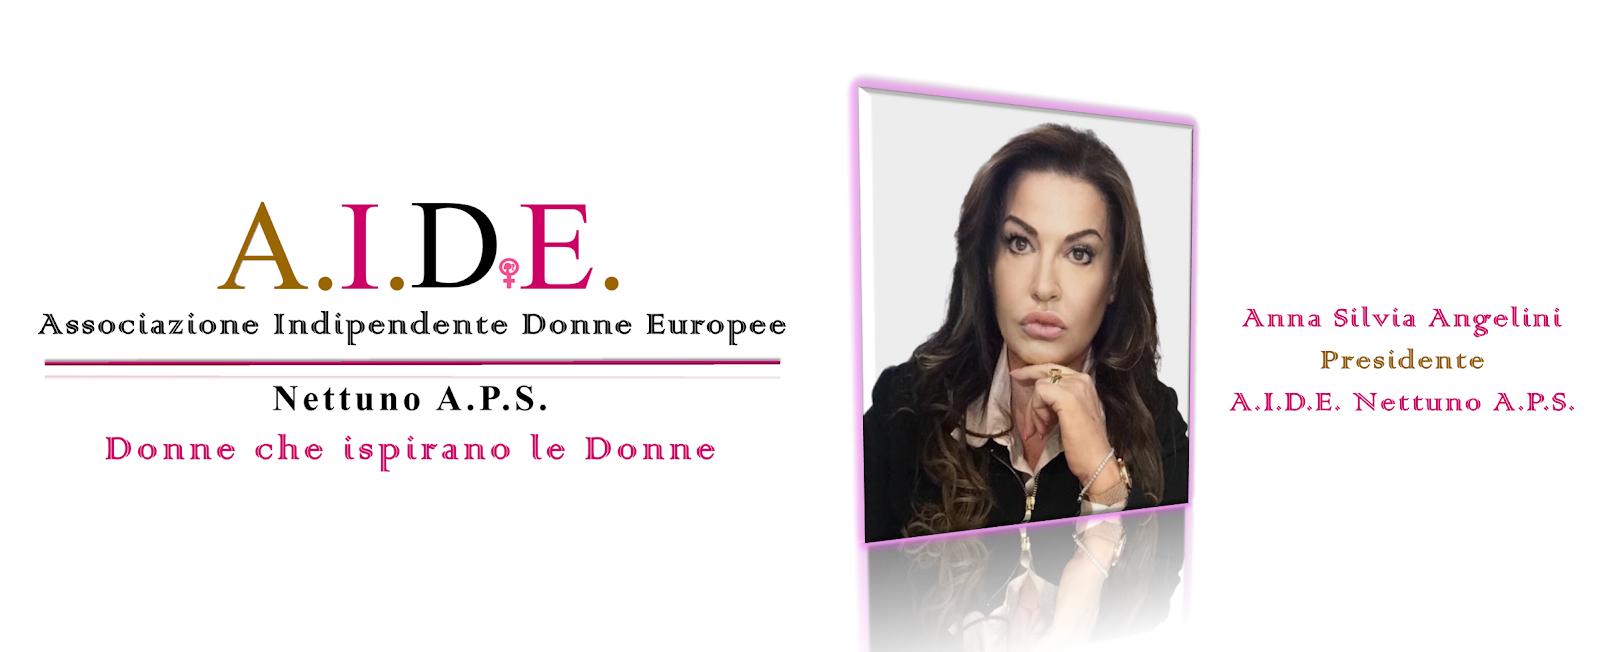 A.I.D.E. Nettuno A.P.S. Associazione Indipendente Donne Europee